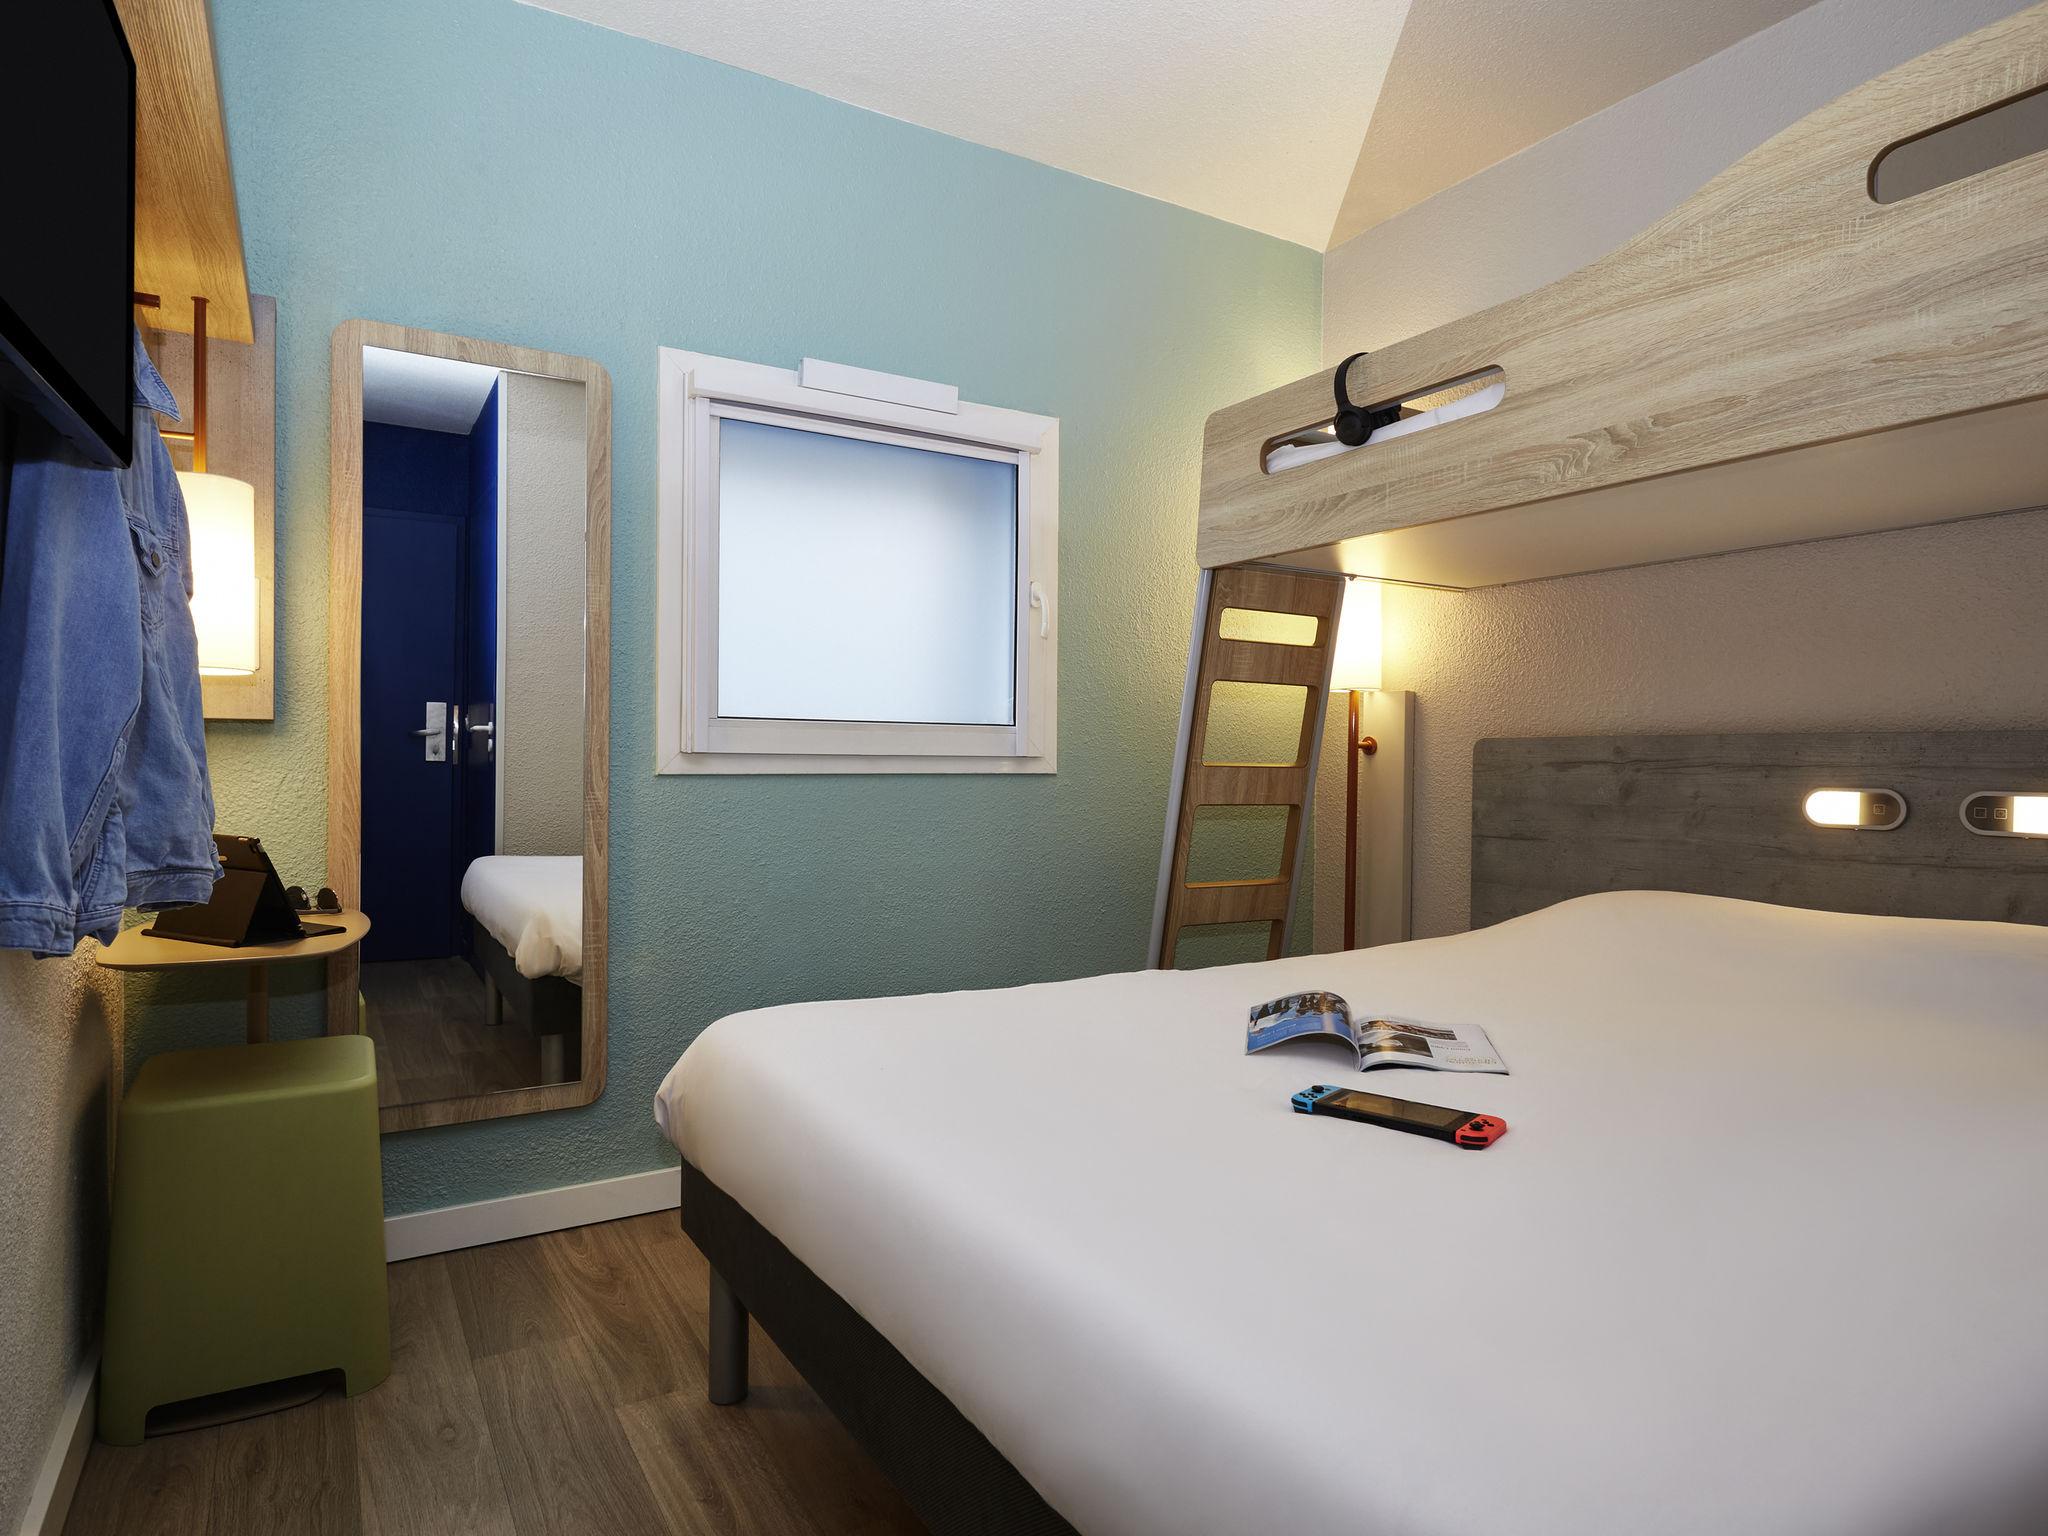 Hotel in villeneuve d 39 ascq ibis budget lille villeneuve for Hotels lille